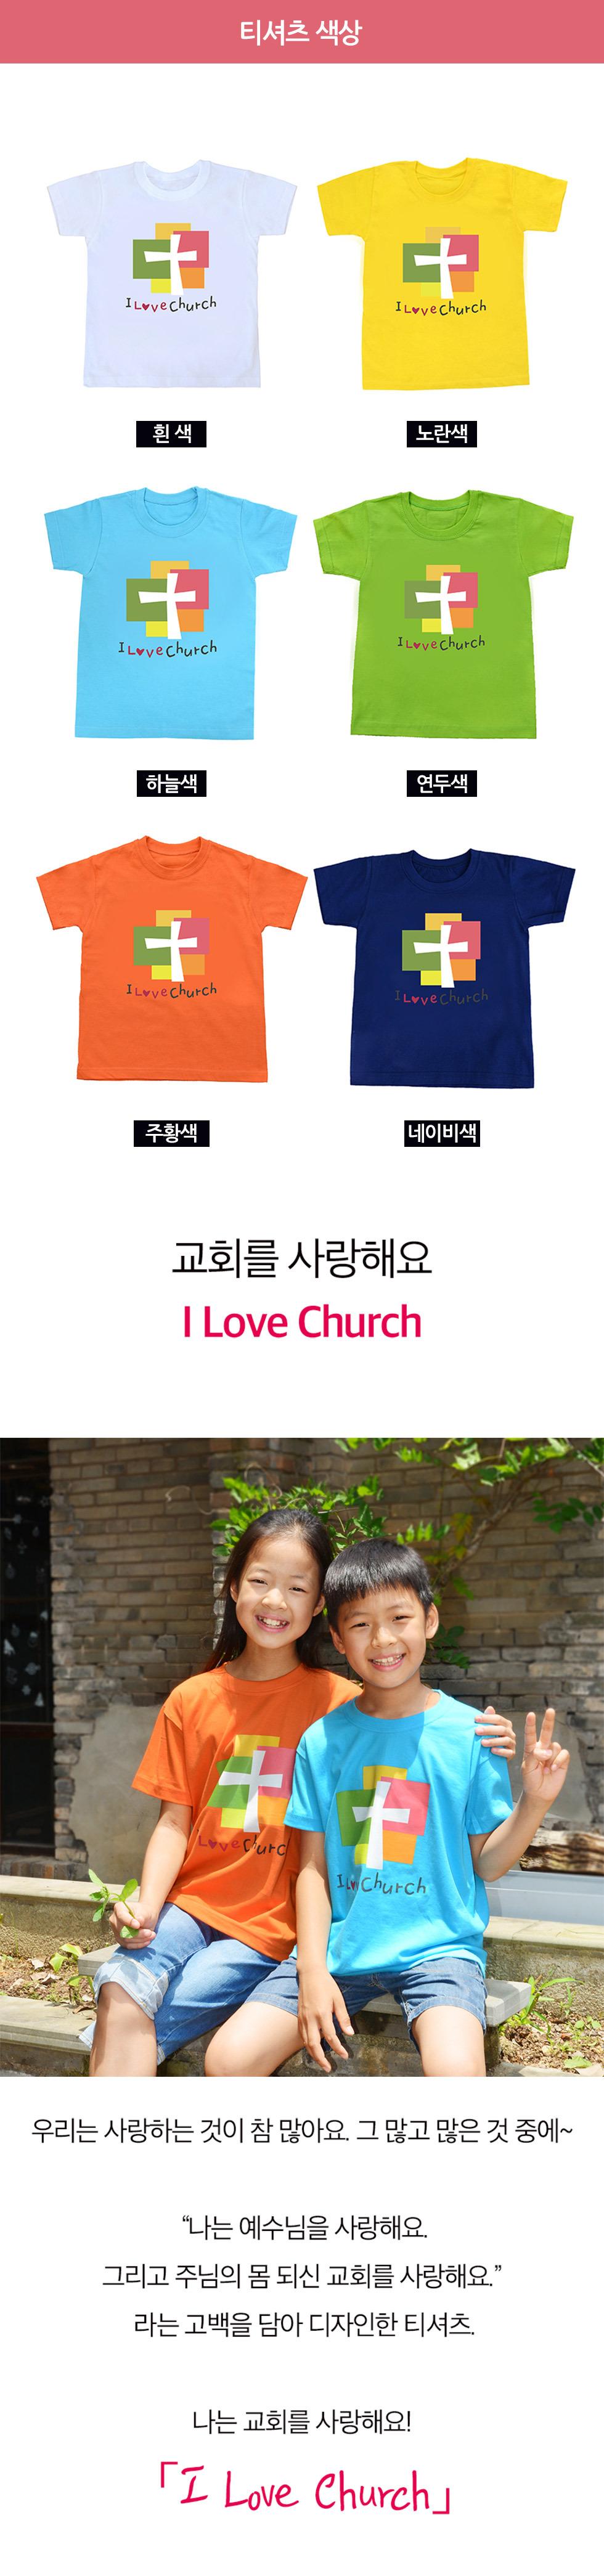 교회단체티 교회티셔츠 I Love Church 처치 아동용 옵션별 가격